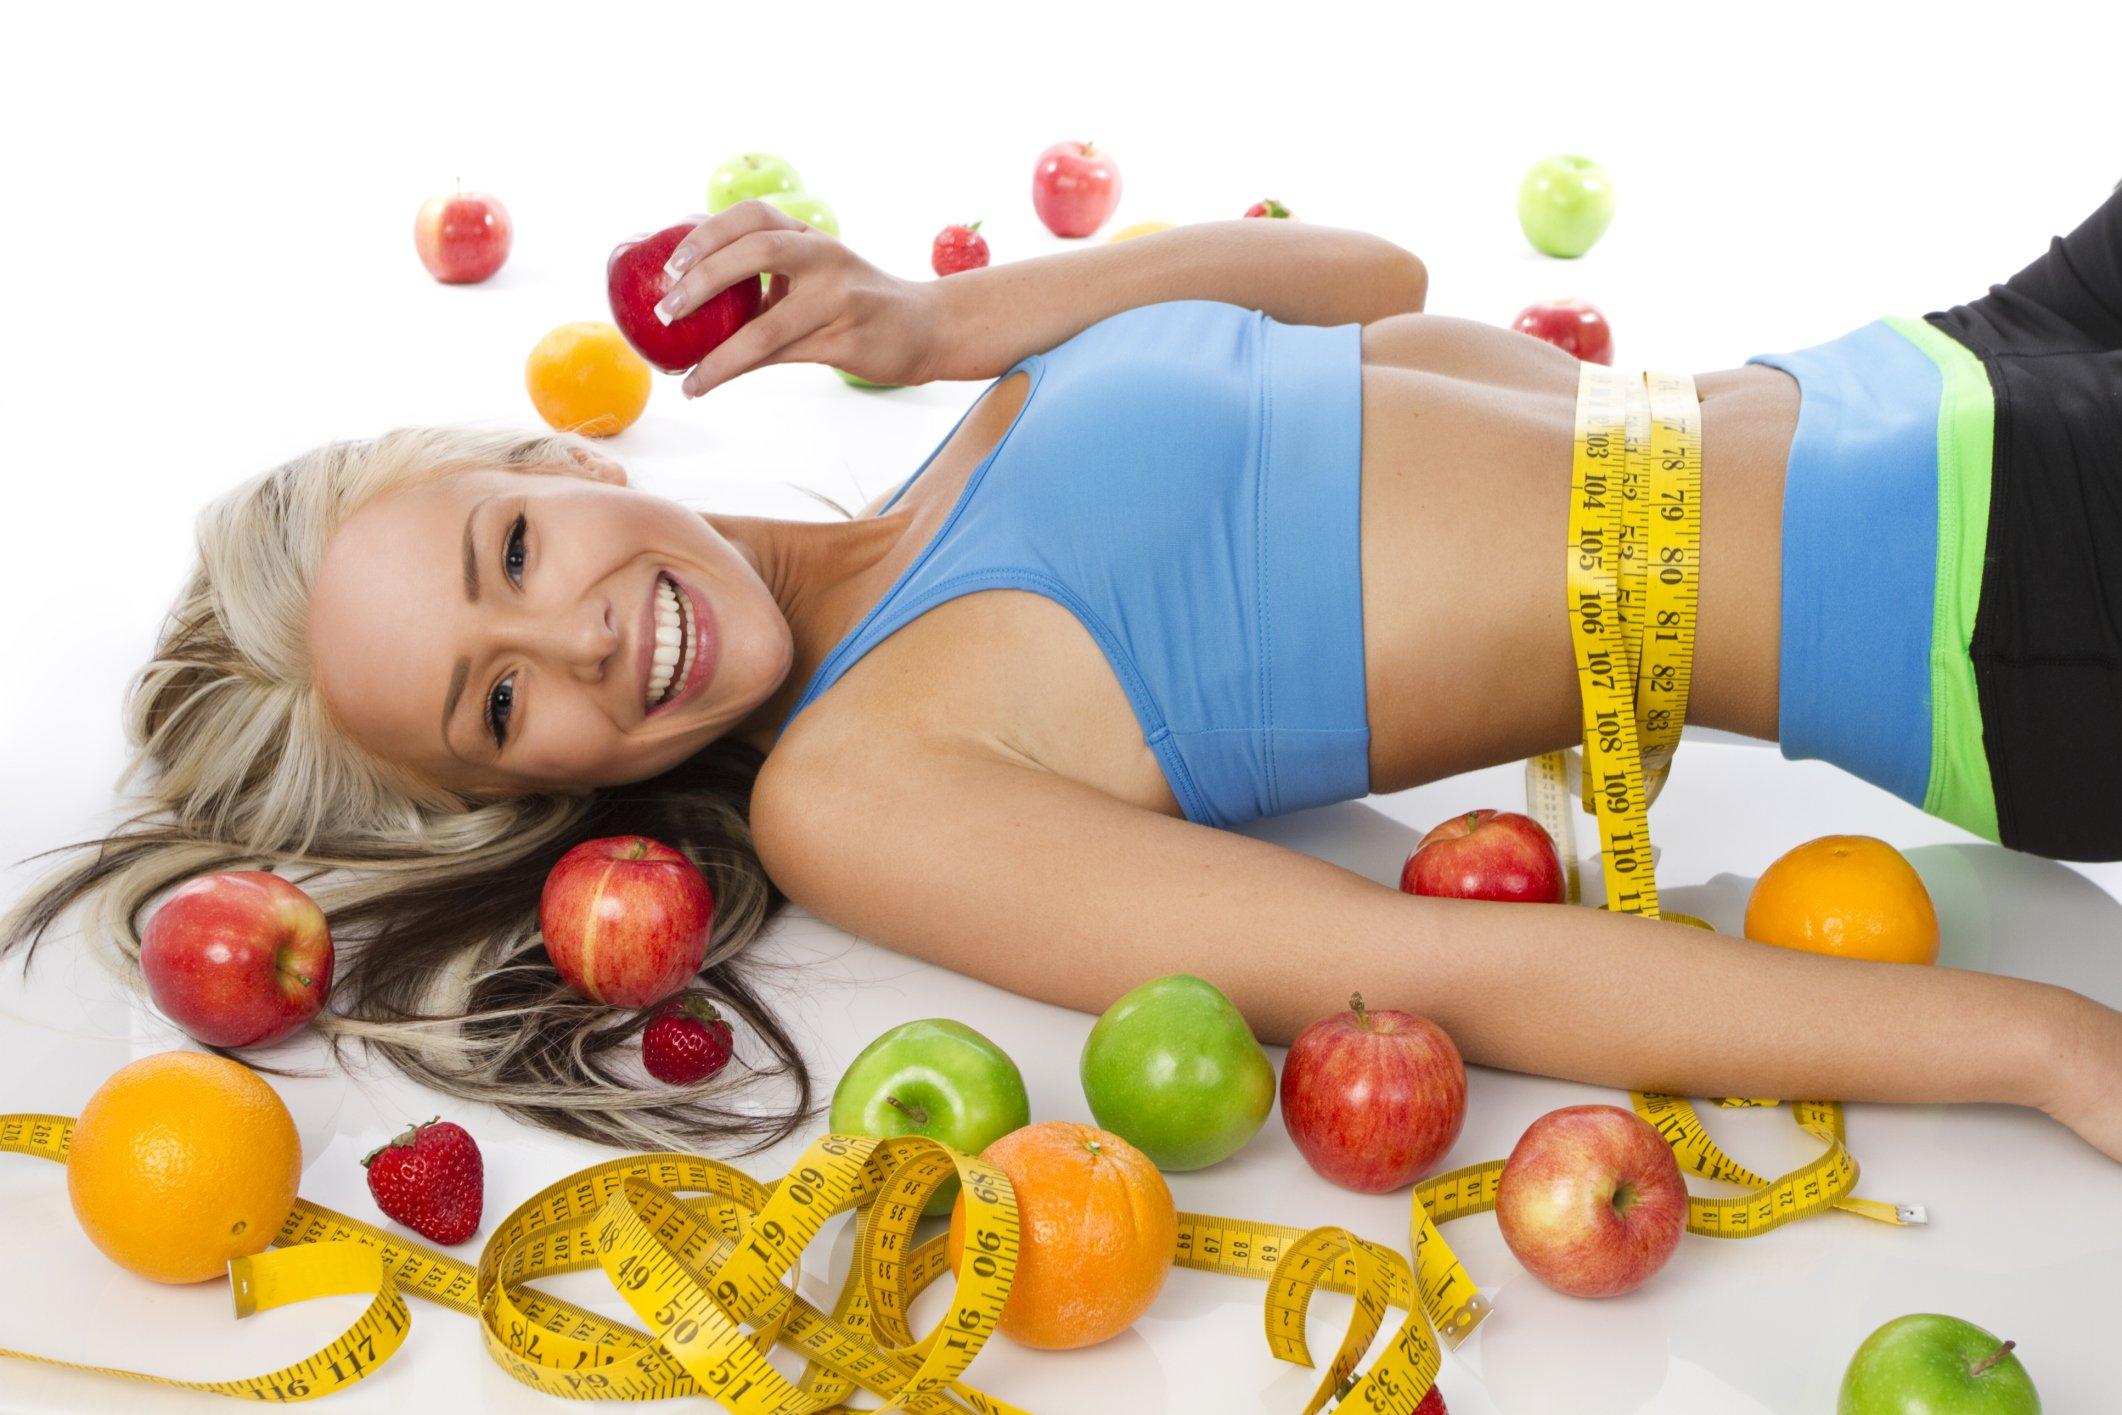 Спортивная диета: меню для похудения и отзывы | food and health